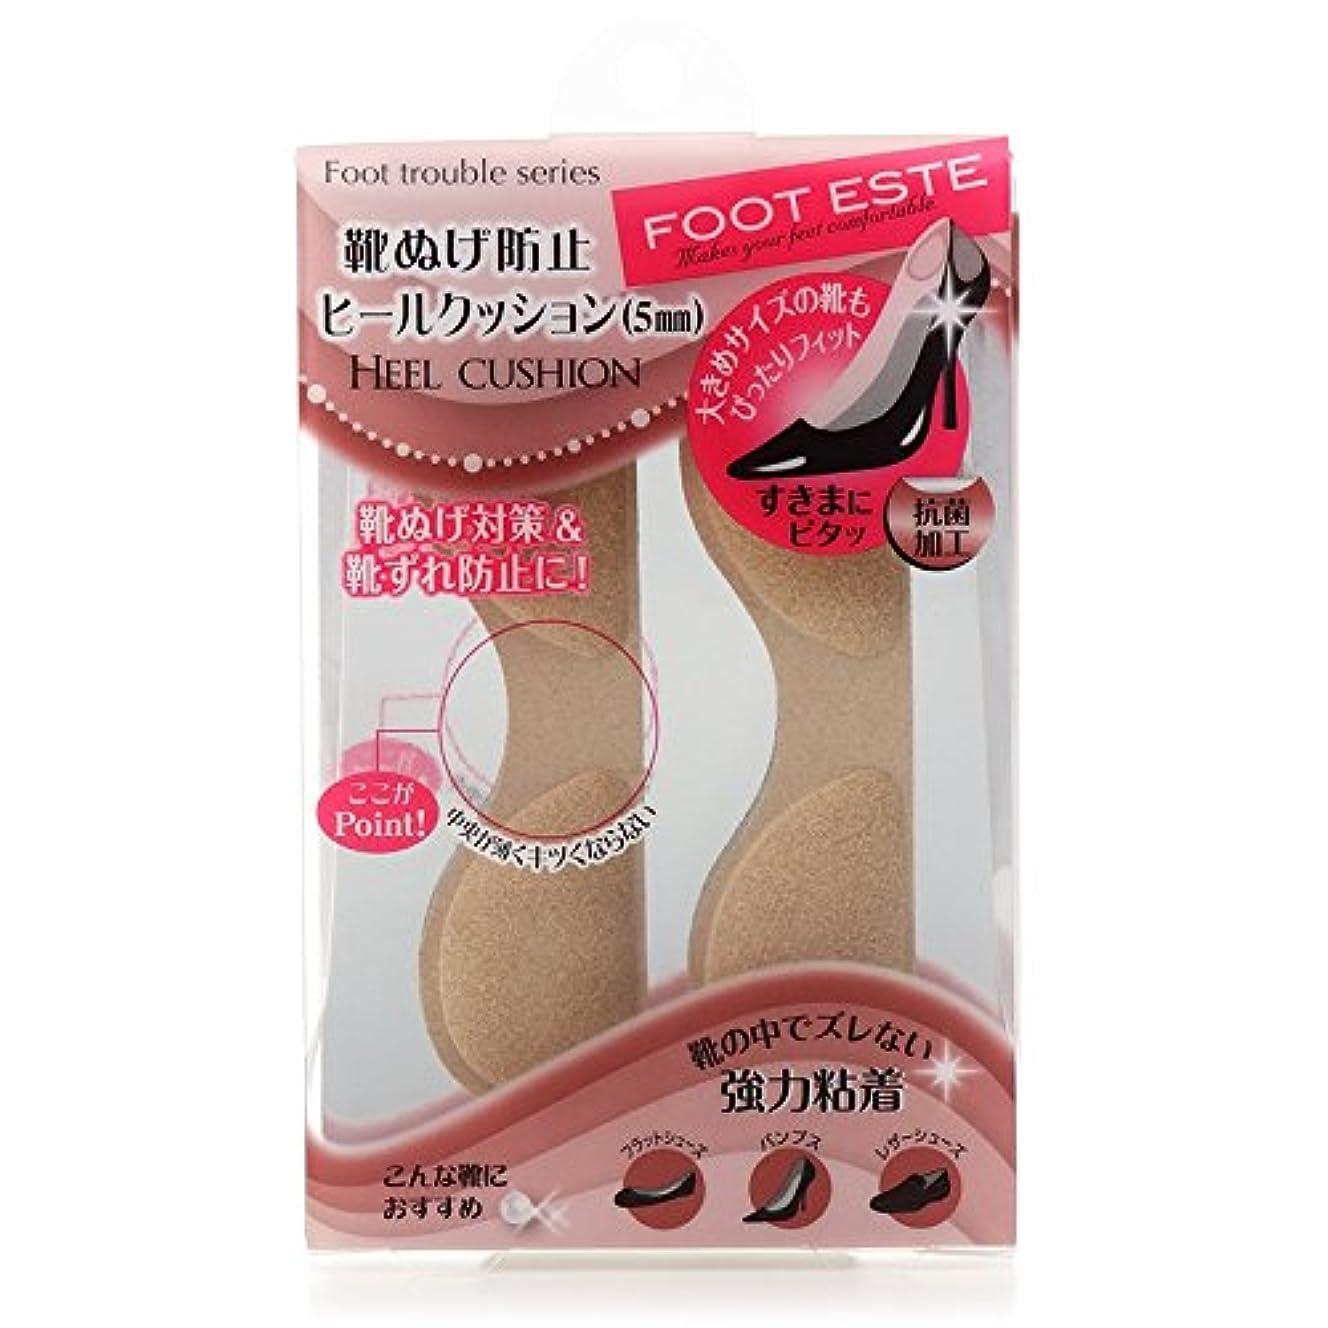 アジア人是正する梨フットエステ フットトラブルシリーズ 靴ぬげ防止ヒールクッション(5mm)